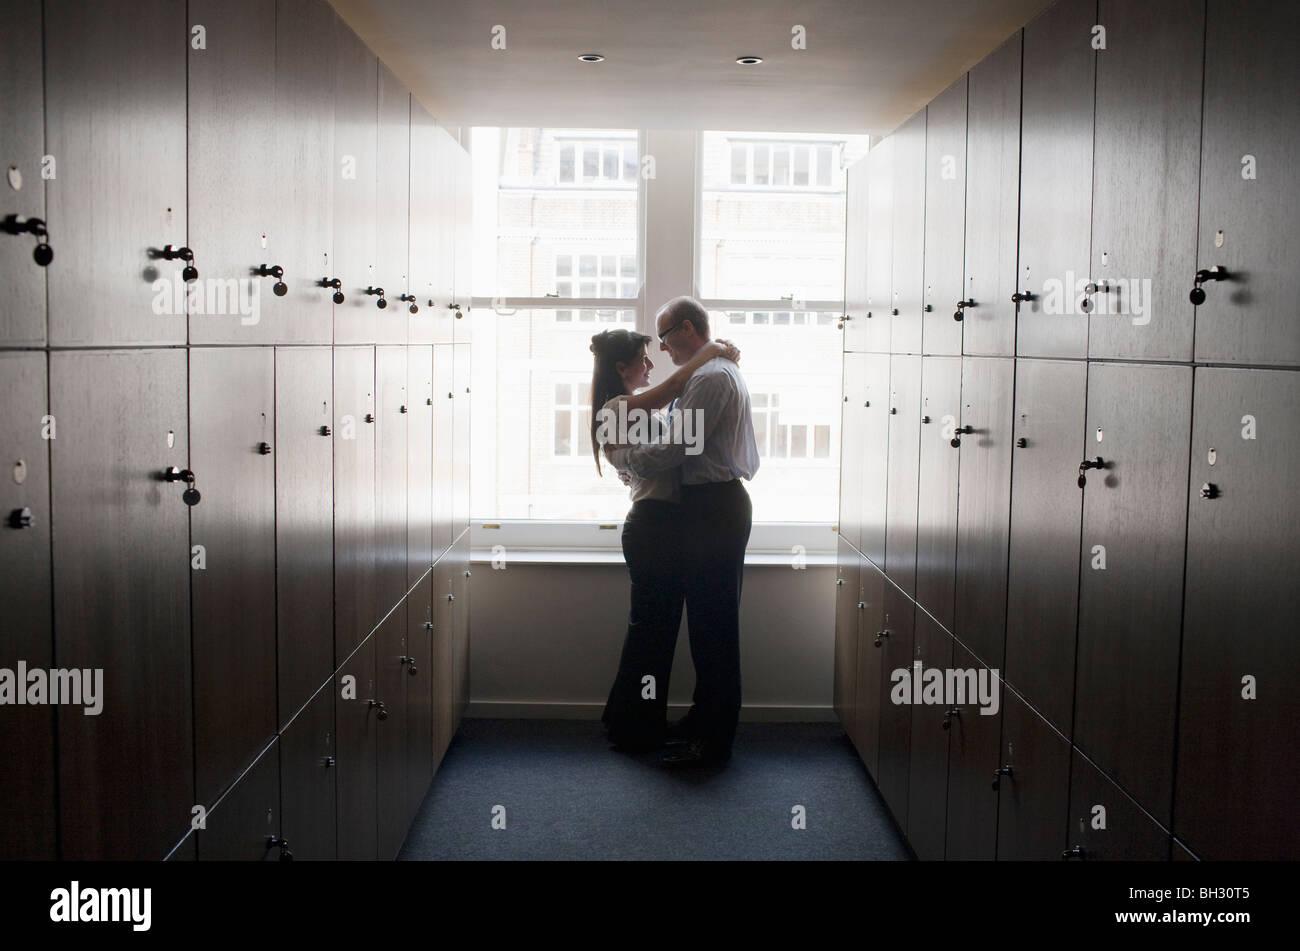 Paar Büroangestellte in Umkleidekabine Stockbild